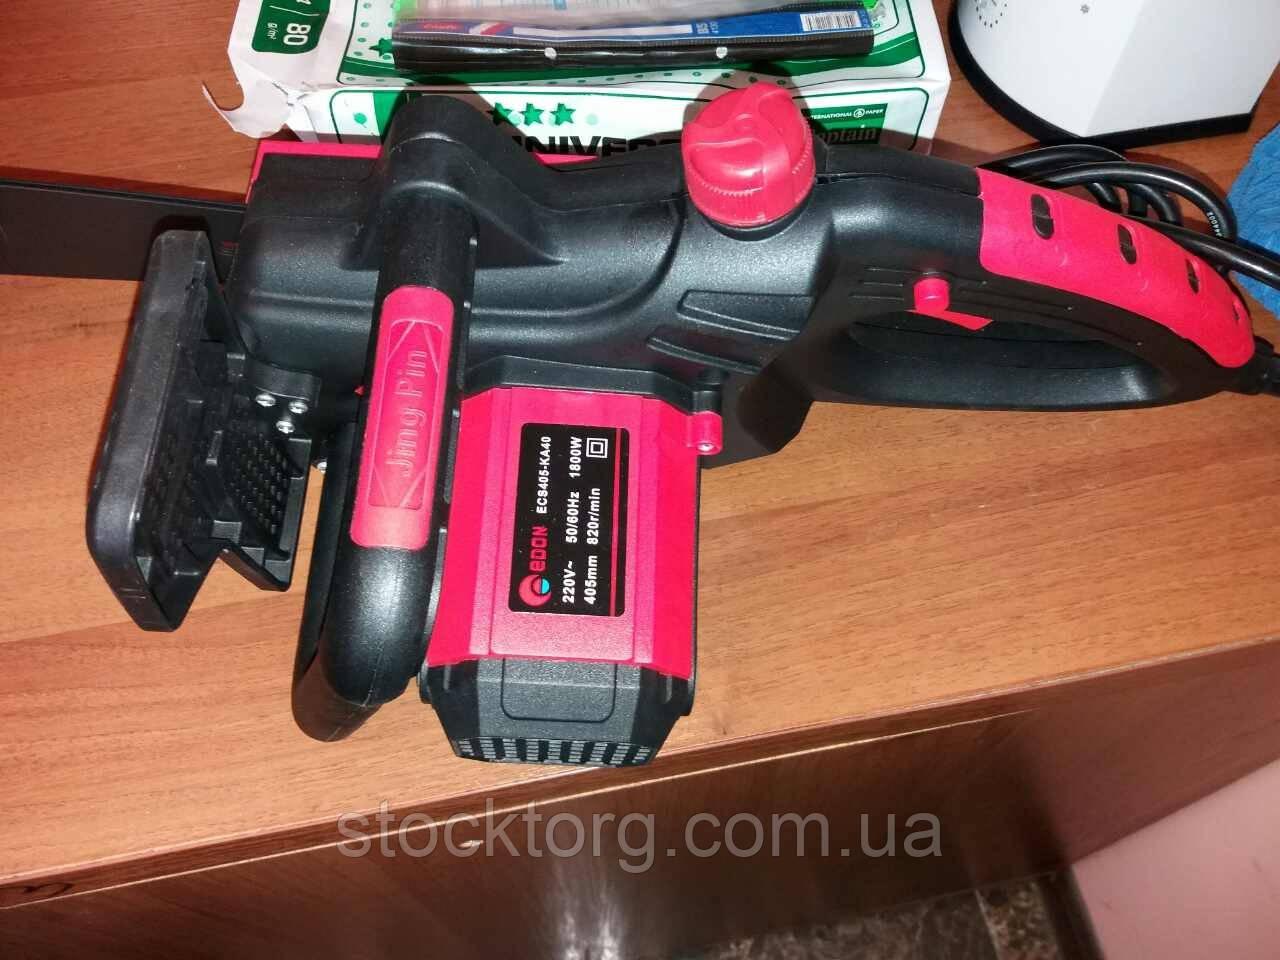 Пила ланцюгова електрична ECS405-KA40 (ESC-405/1800)